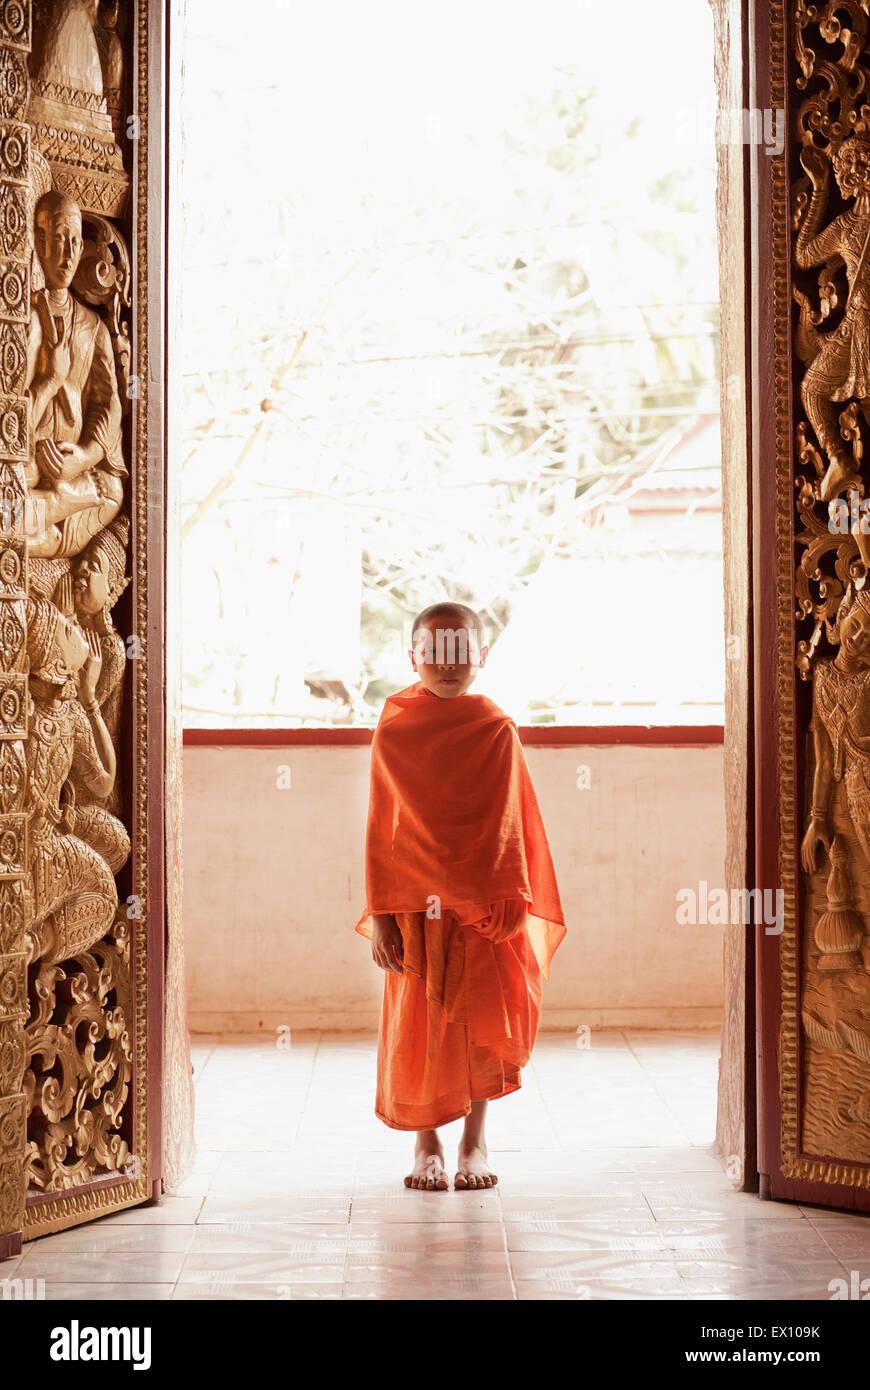 Ein Porträt von einem 12-Year-Old Novize am Wat Manoran Luang Prabang Laos Stockbild